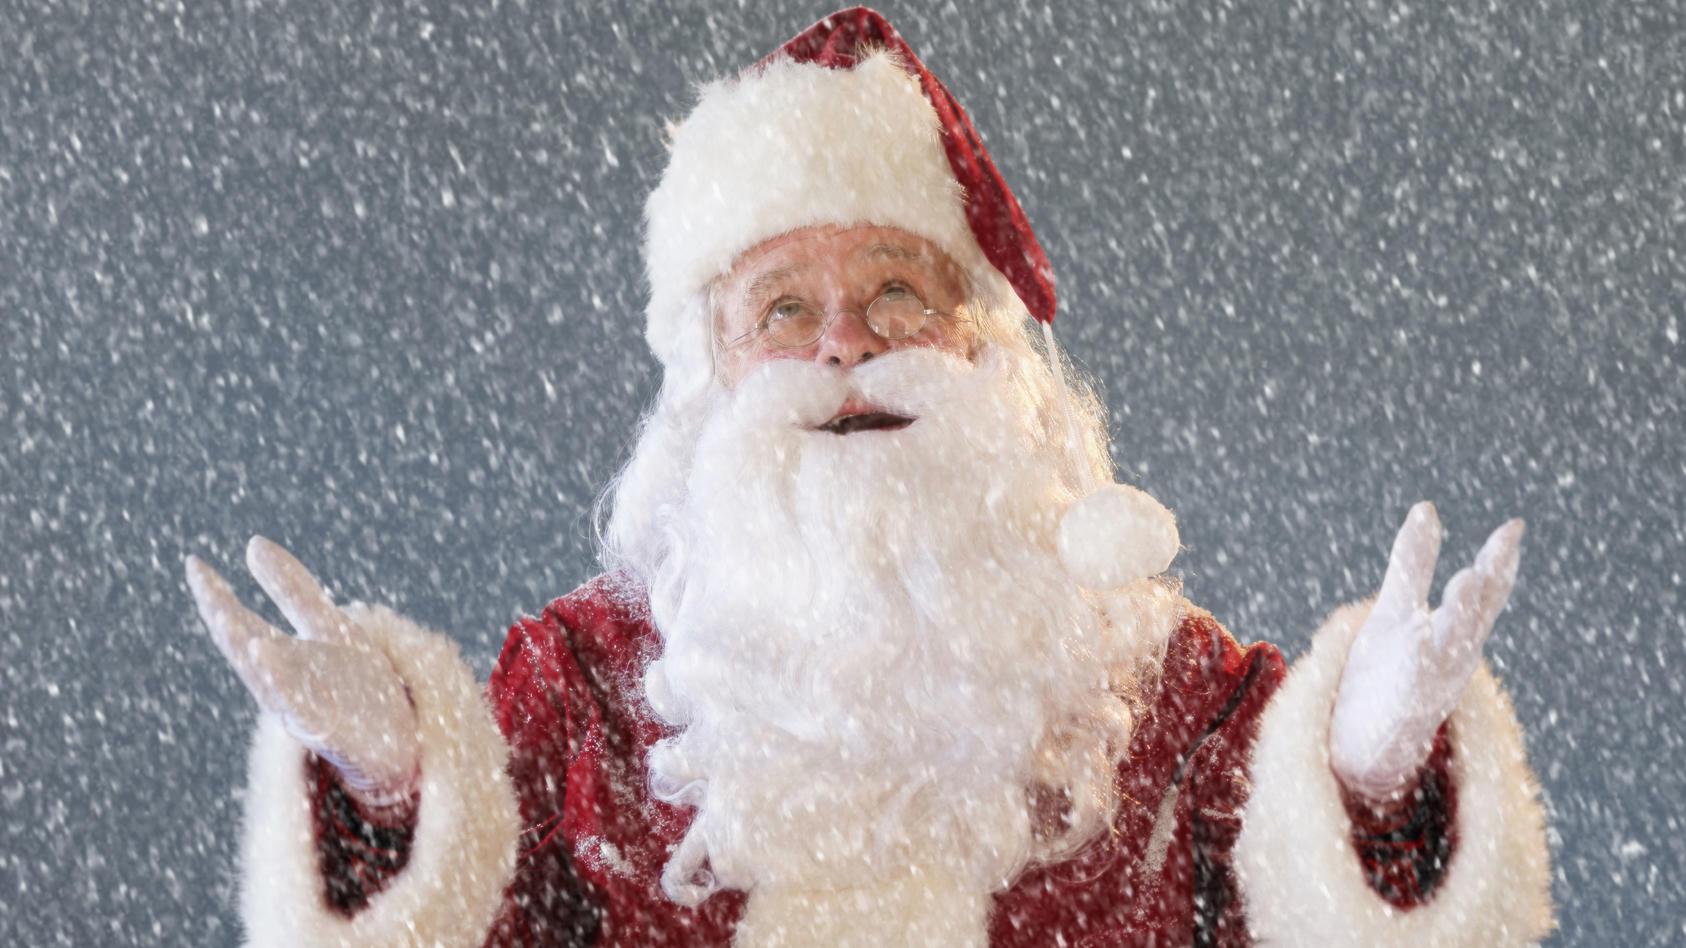 Grün oder weiß? Dem Weihnachtsmann dürfte es fast egal sein.